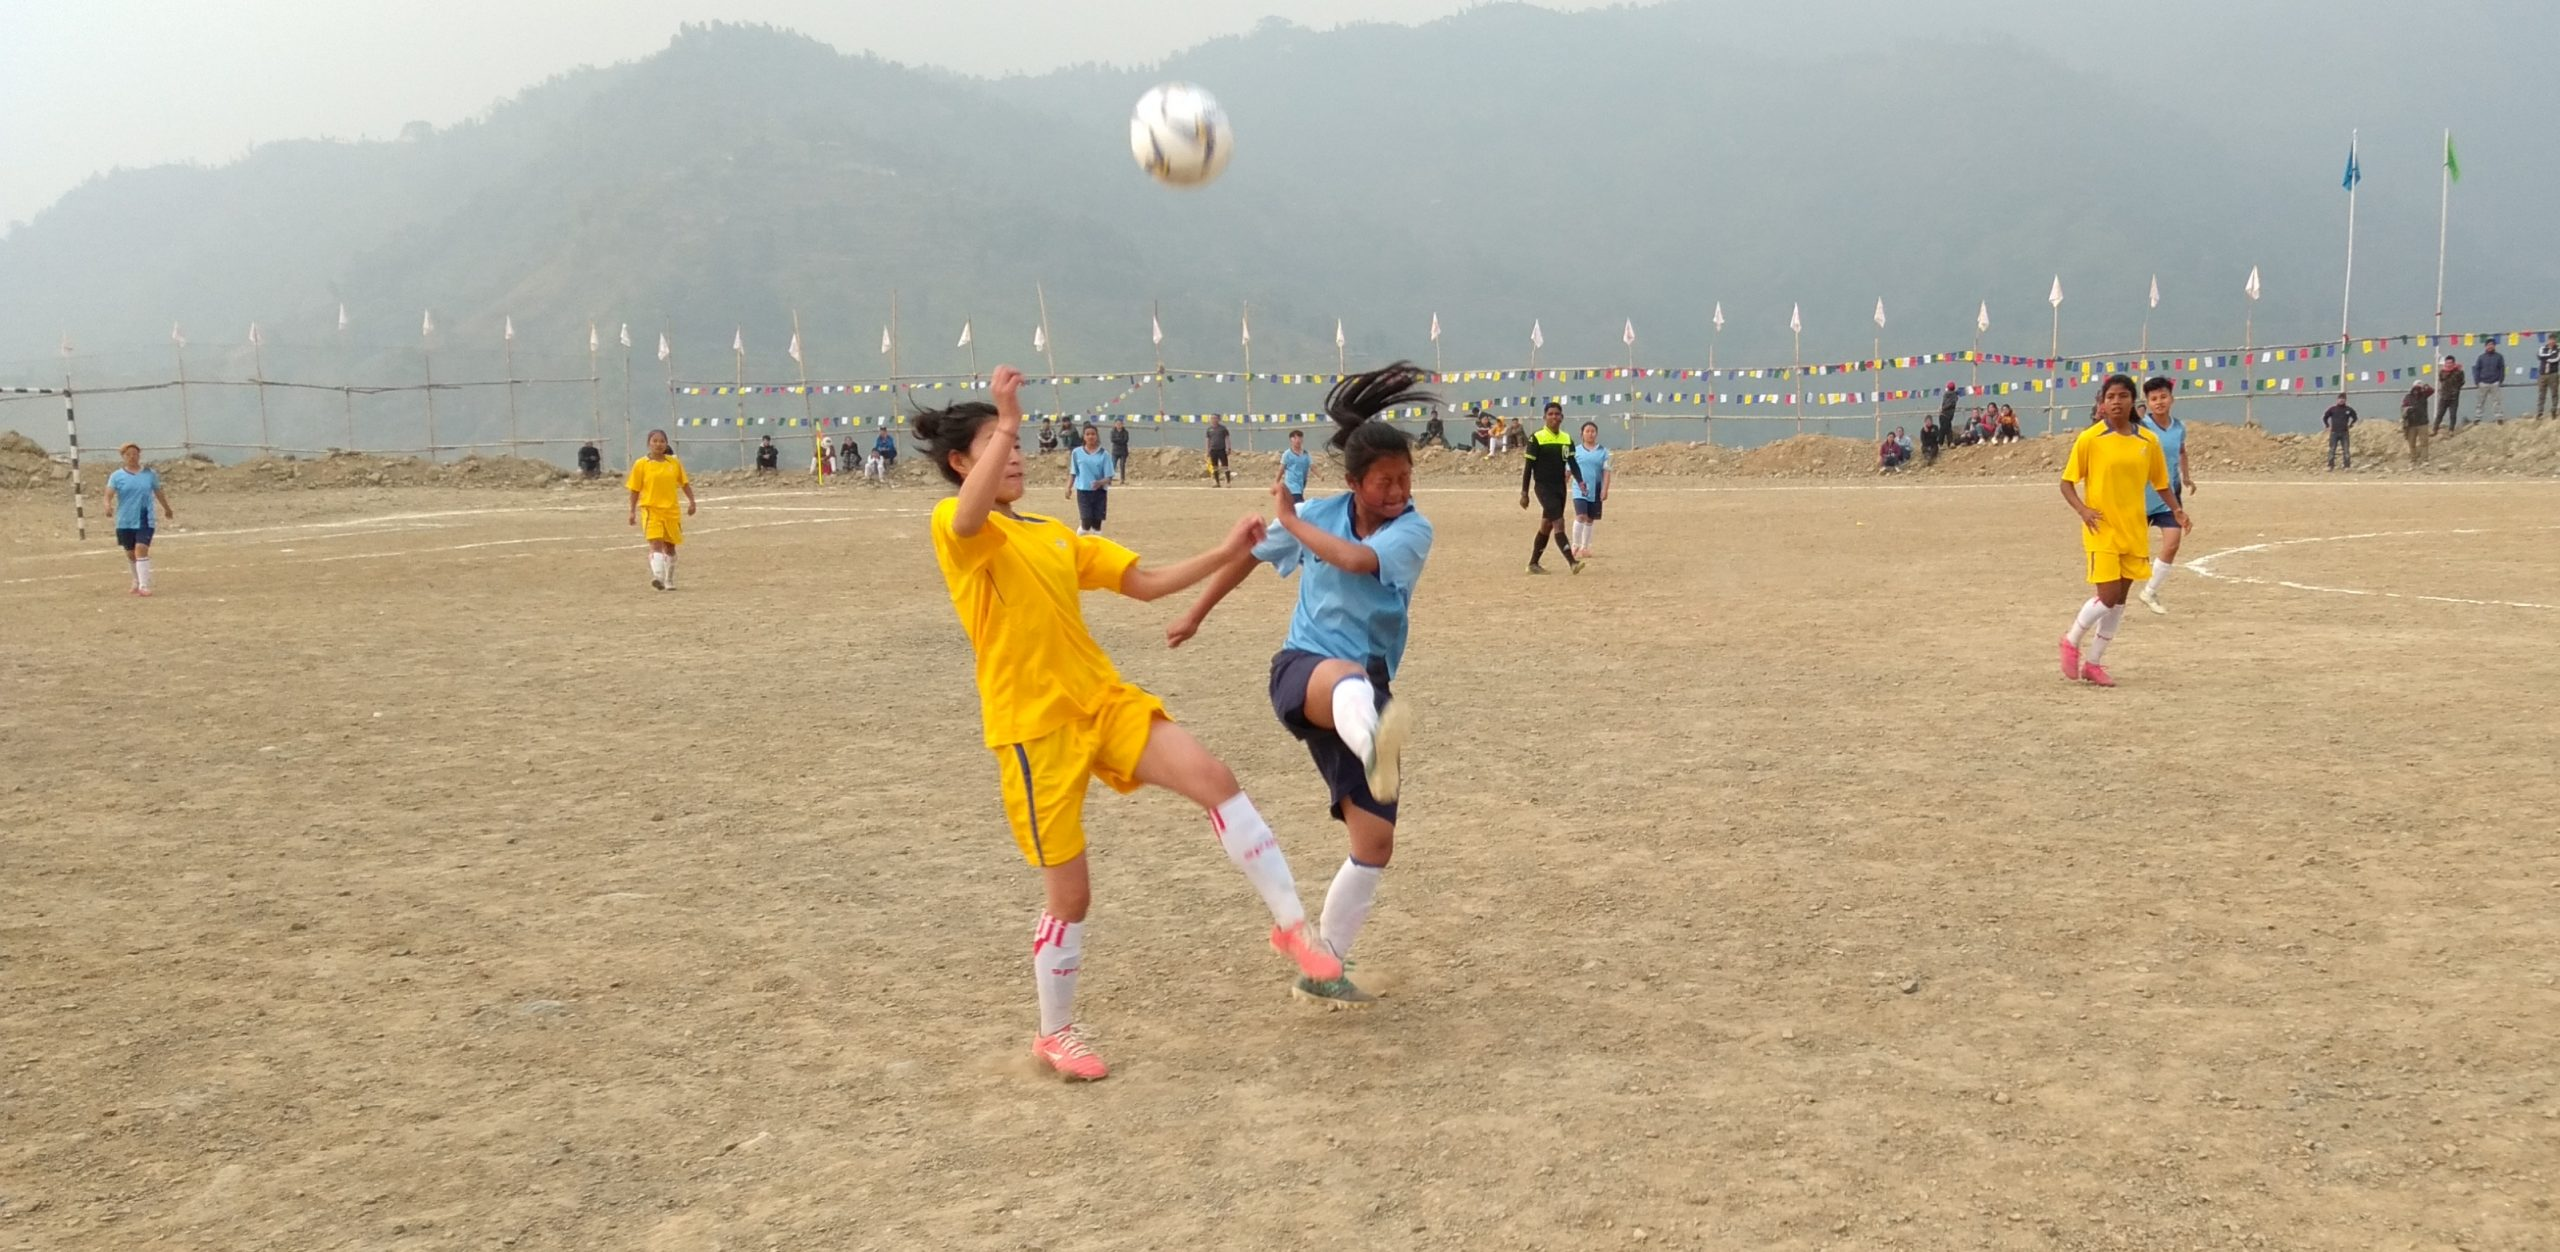 माङसेबुङमा पवित्रहाङमा कप १० औं संस्करण खेलकुद प्रतियोगिता सुरु(फोटोफिचर सहित)